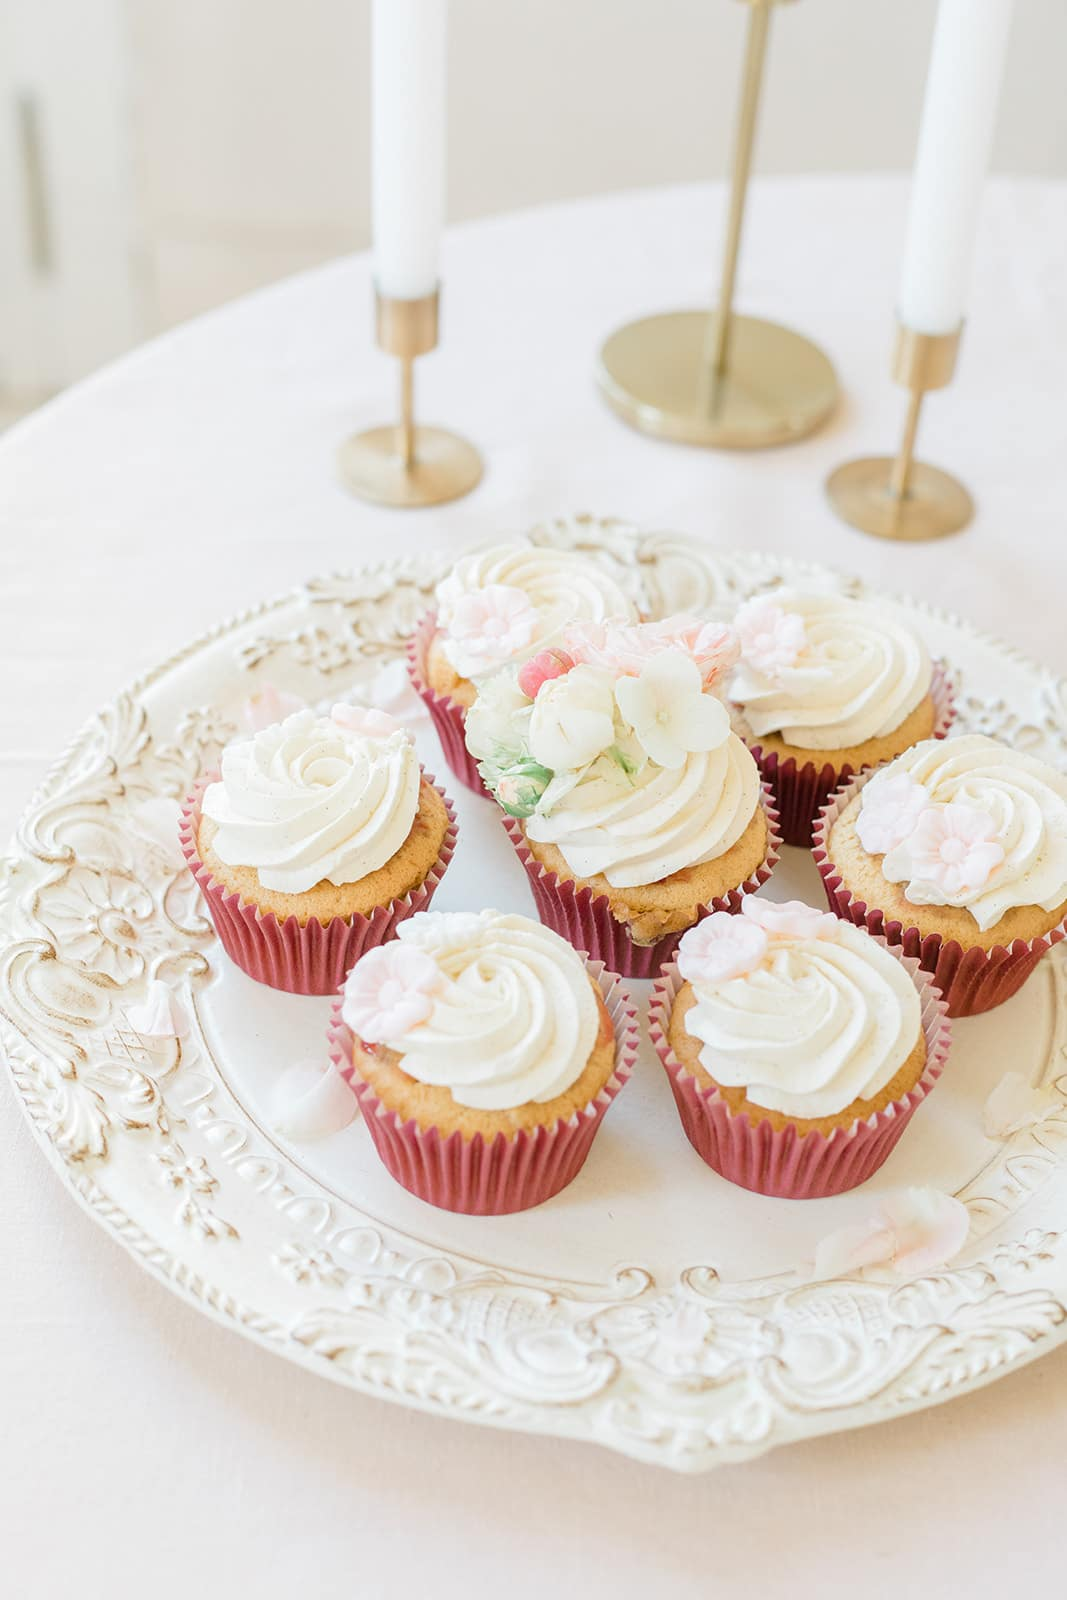 cupcakes de mariage présentés en assiette à dessert décorés de fleurs fraîches